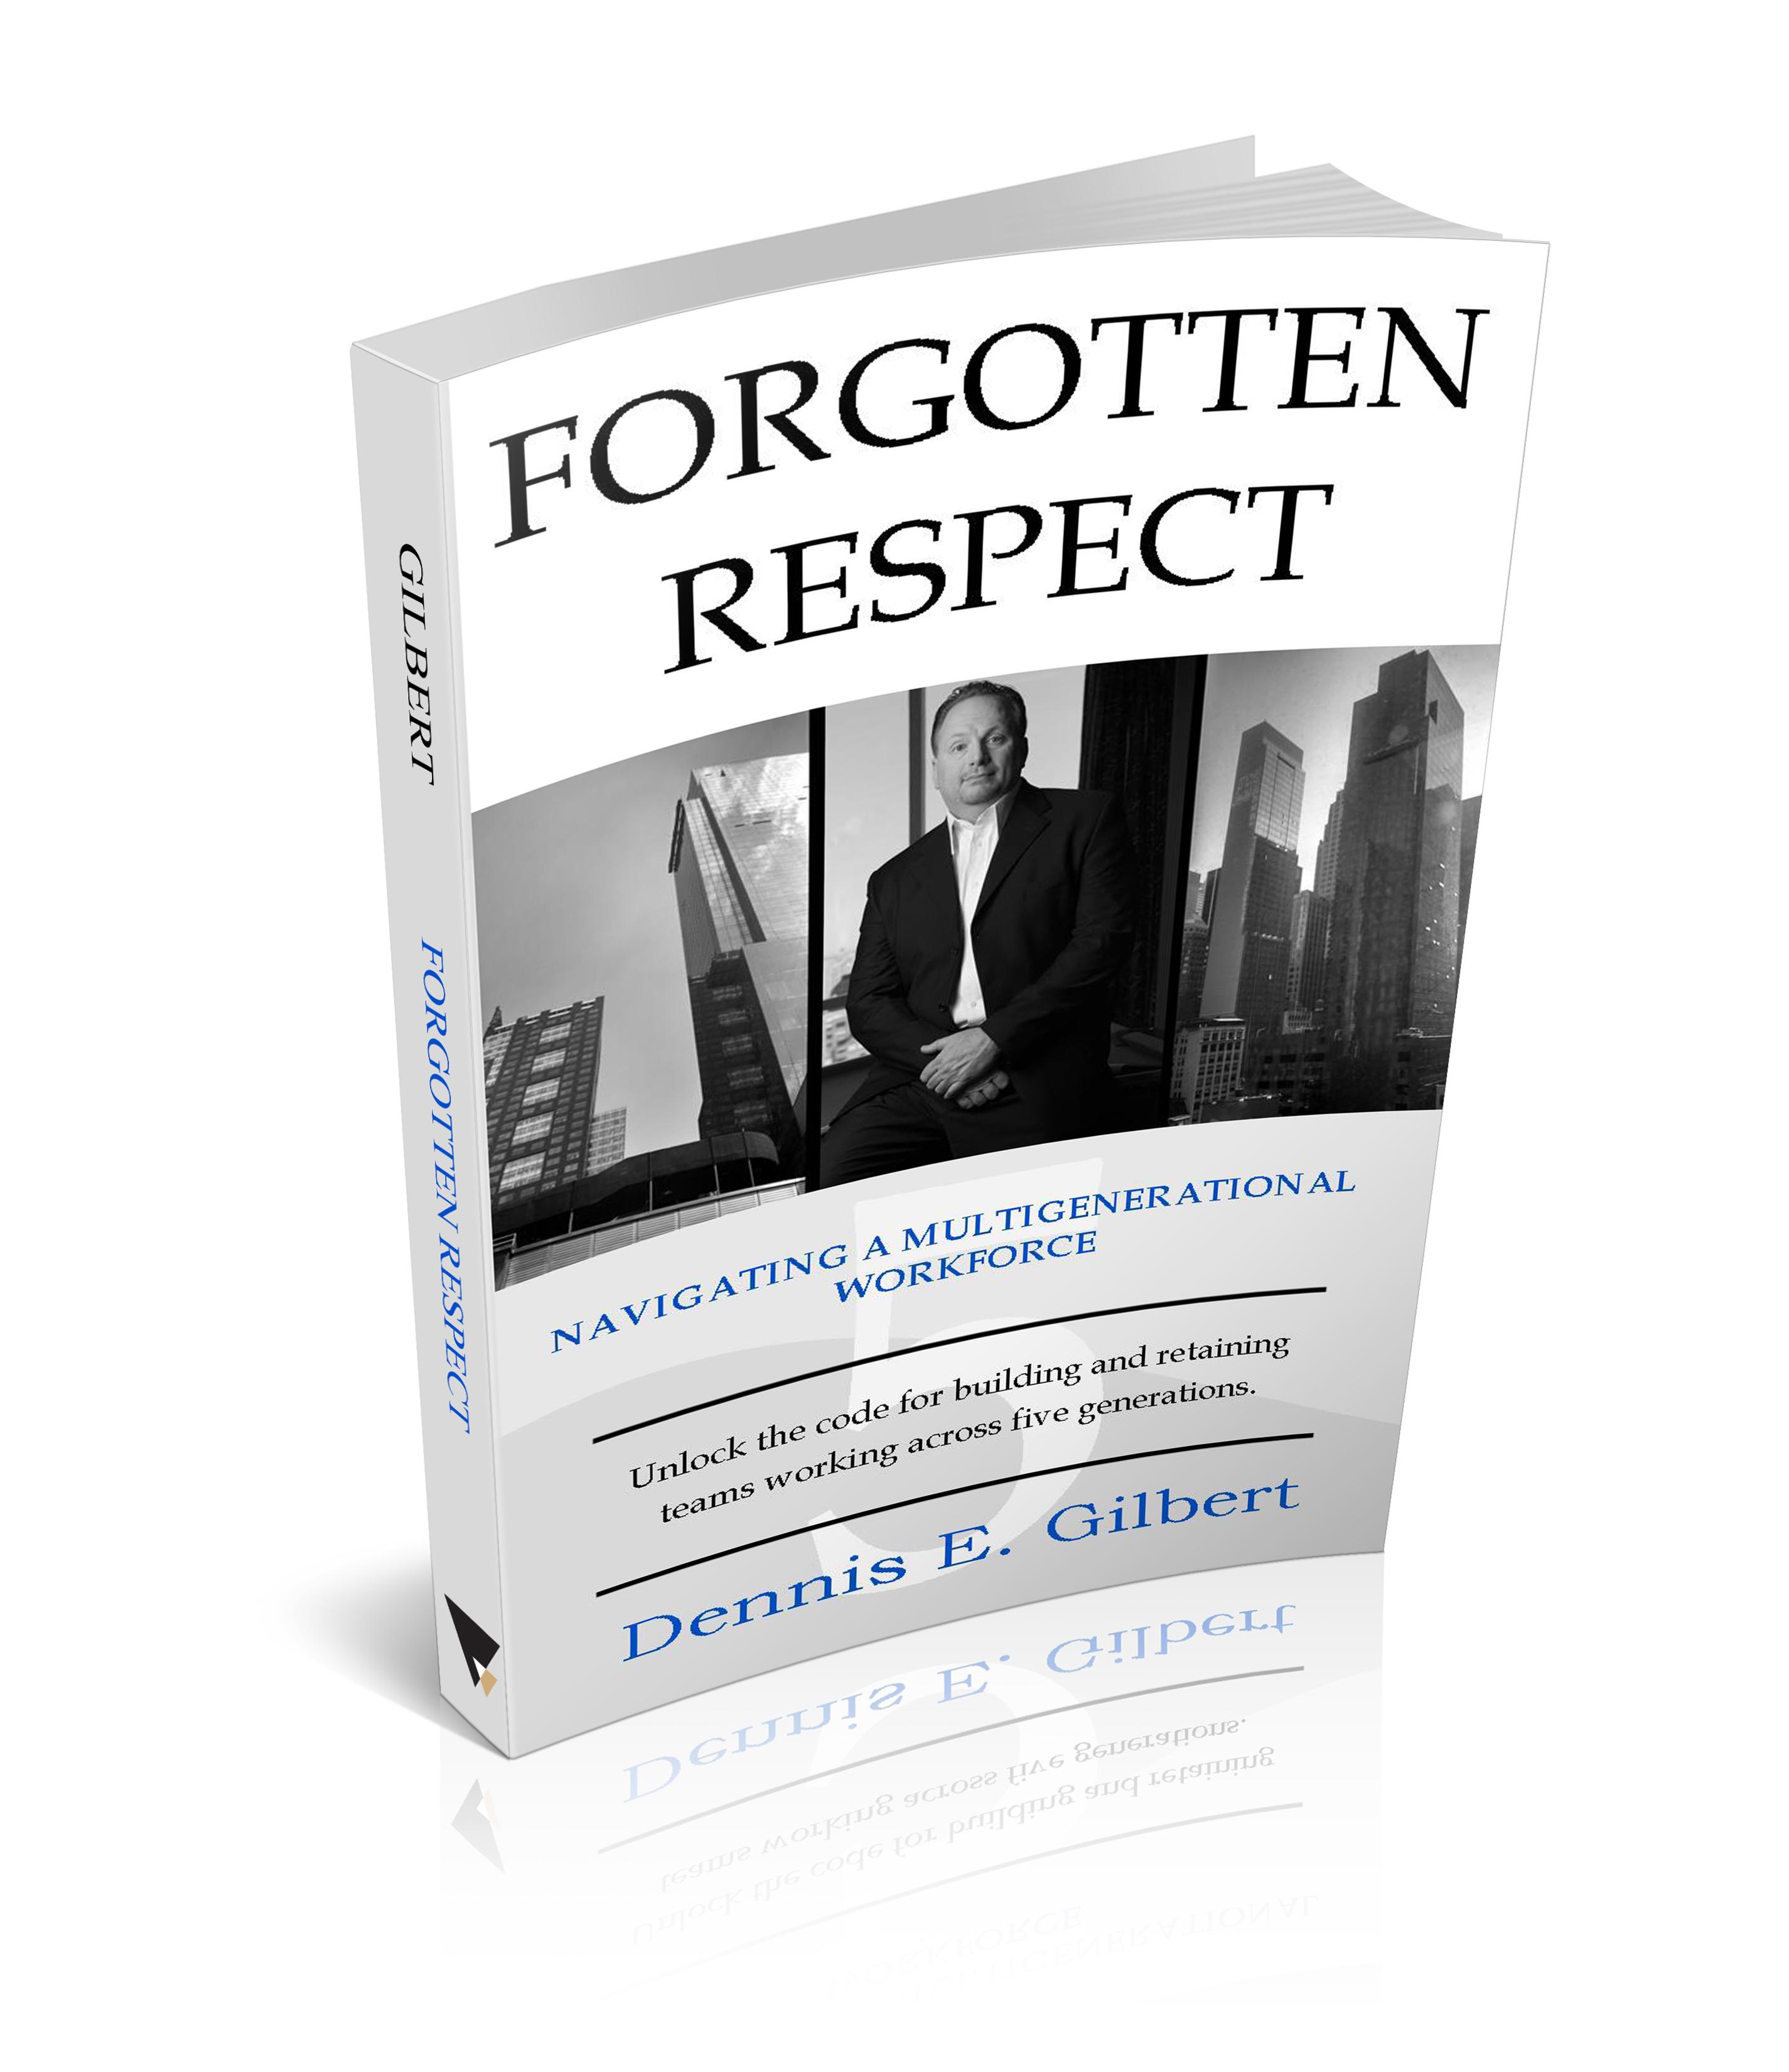 Millennials generations forgotten respect